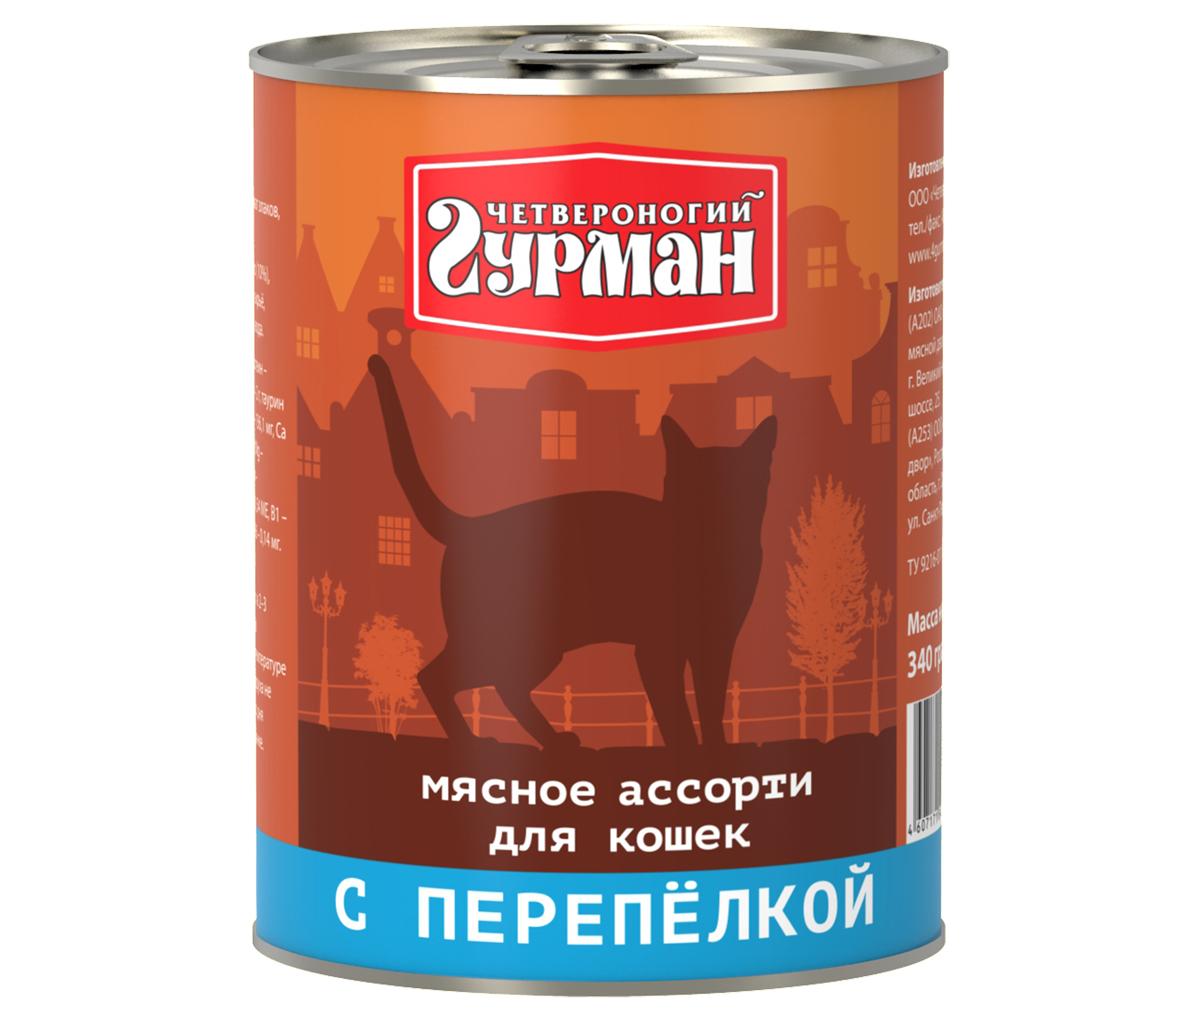 Консервы для кошек Четвероногий гурман Мясное ассорти, с перепелкой, 340 г103209010Мясное ассорти - качественный мясной корм суперпремиум класса, состоящий из разных сортов мяса и качественных субпродуктов. Ведущая линейка торговой марки Четвероногий гурман. По консистенции продукт представляет собой кусочки из фарша размером 3-15 мм.В состав входит коллаген. Его компоненты (хондроитин и глюкозамин) положительно воздействуют на суставы питомца. Корм не содержит злаков и овощей.Состав: куриное мясо (35%), перепелиное мясо (10%), сердце, легкое, печень, коллагенсодержащее сырьё, животный белок, масло растительное, таурин, соль, вода.Вес: 340 г. Товар сертифицирован.